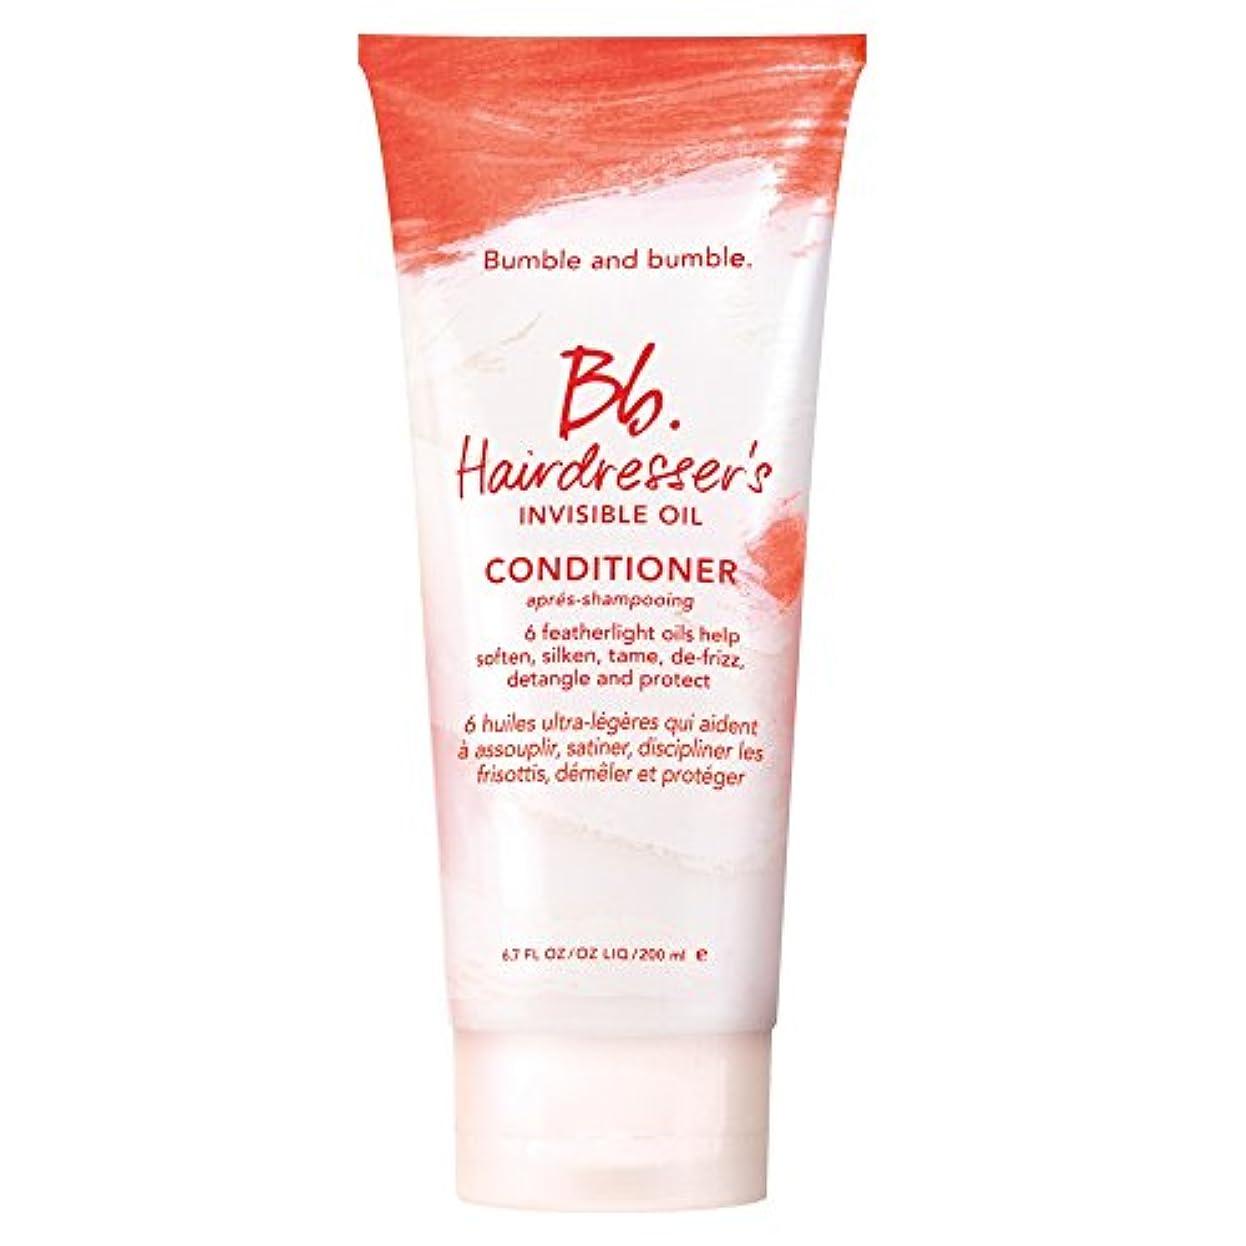 飢えたプライバシー継承バンブルアンドバンブル美容見えないオイルコンディショナー200ミリリットル (Bumble and bumble) - Bumble and bumble Hairdressers invisible oil conditioner...